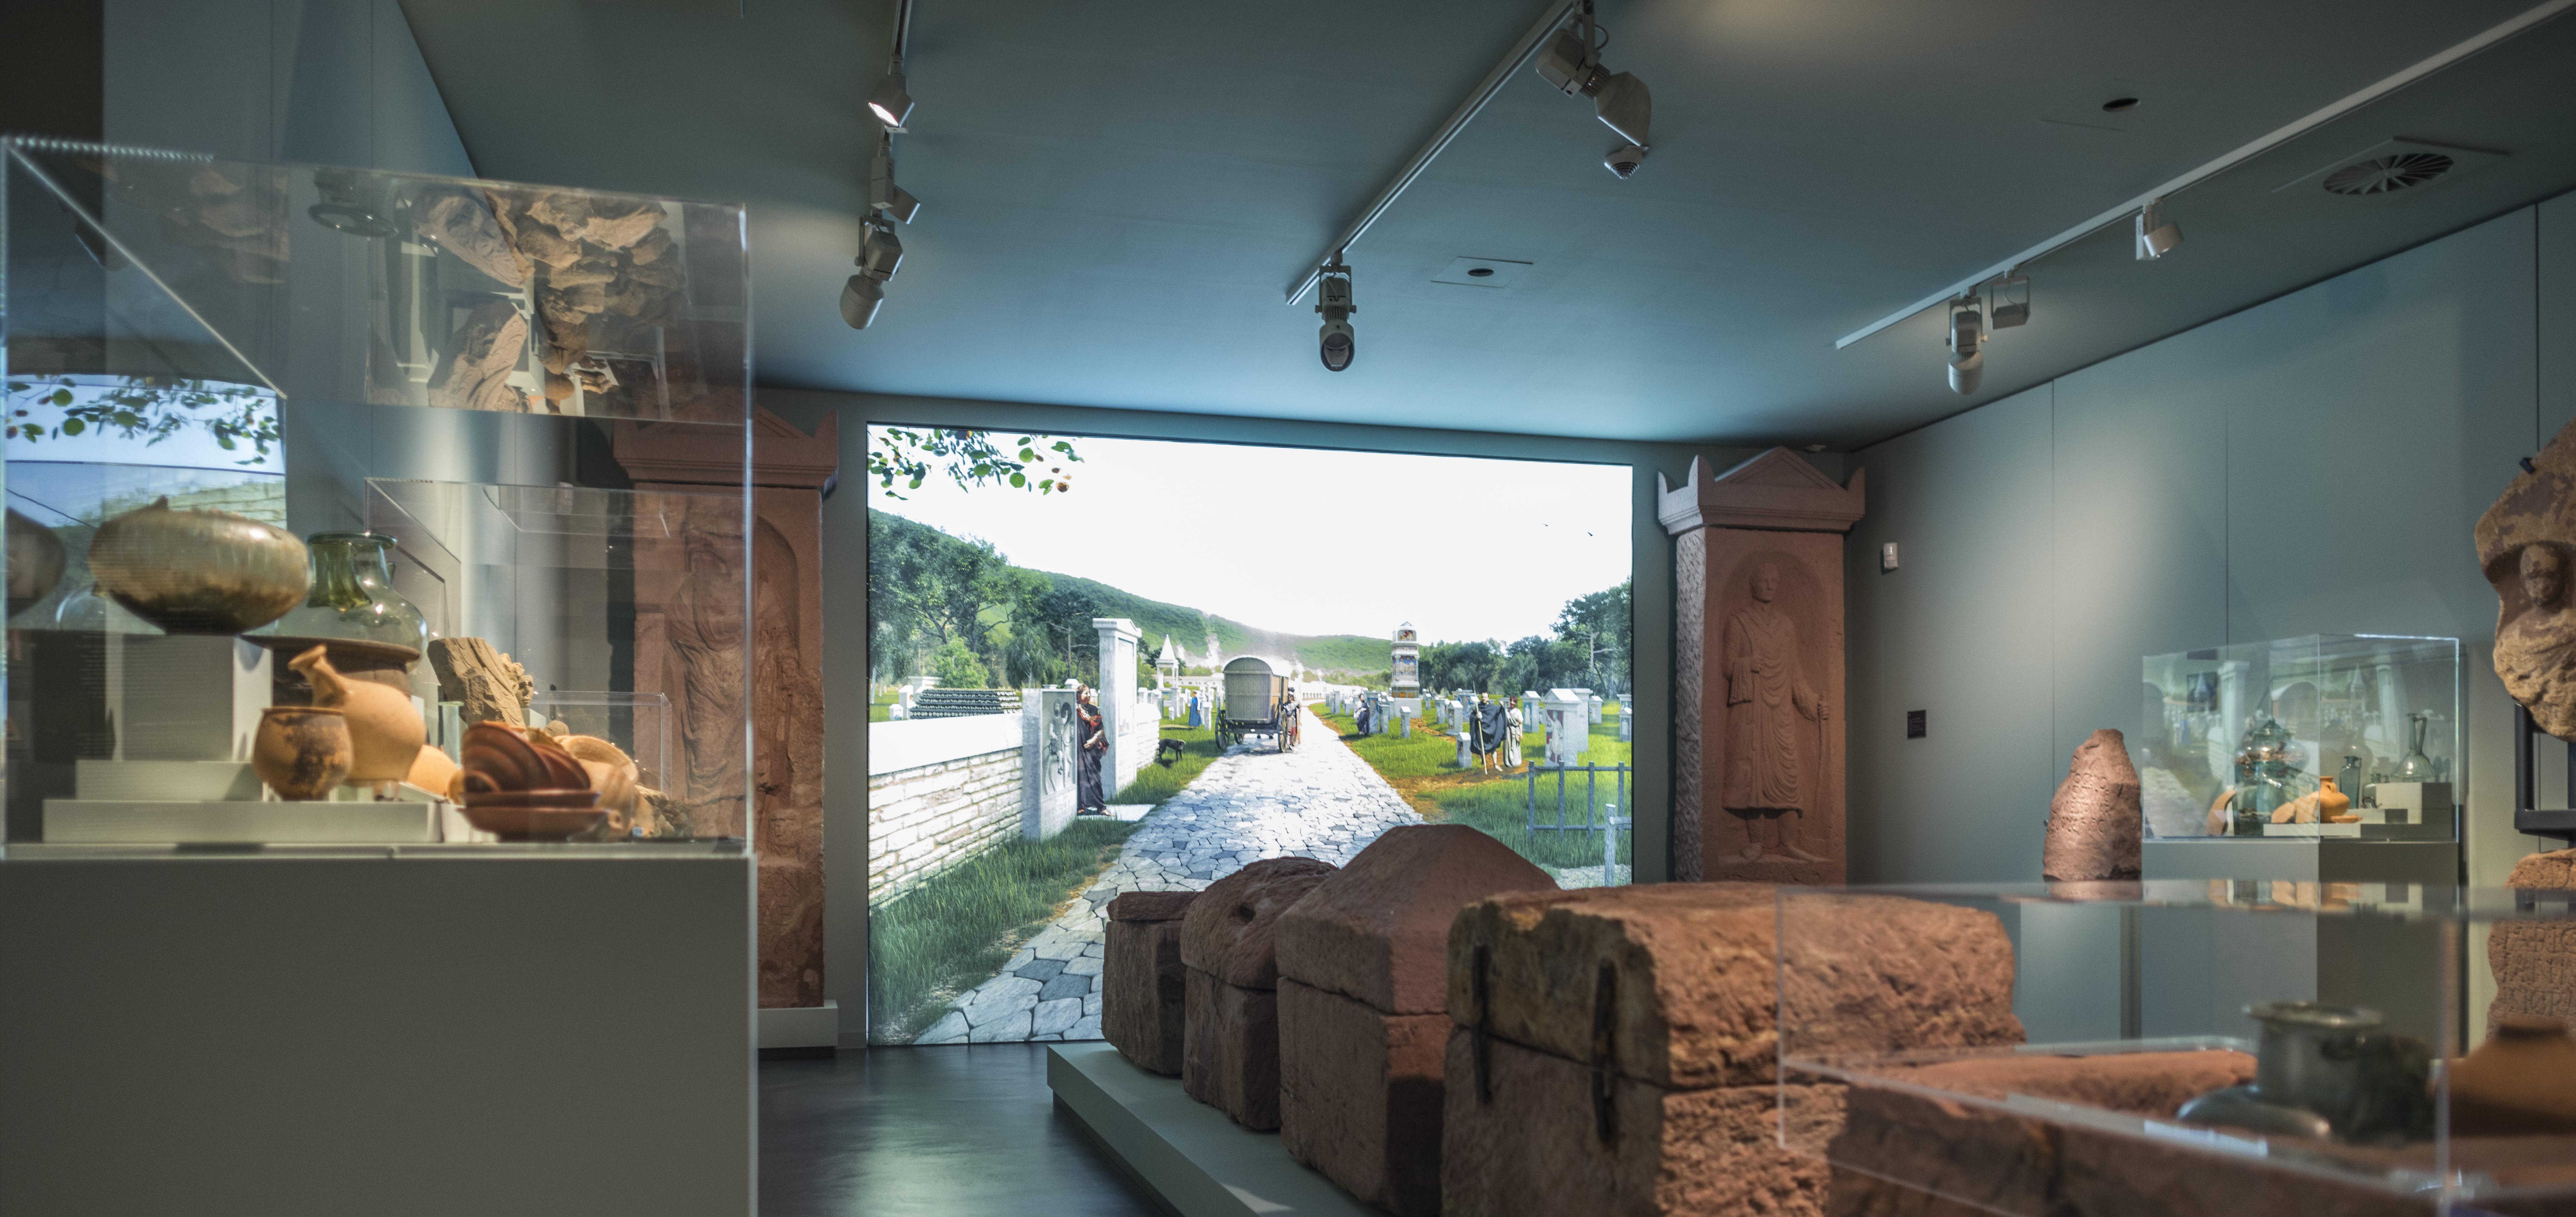 Archäologen fanden die berühmte Medica aus römischer Zeit im Gräberfeld des heutigen Neuenheim. Foto: KMH (Thilo Ross/imageagency.com)